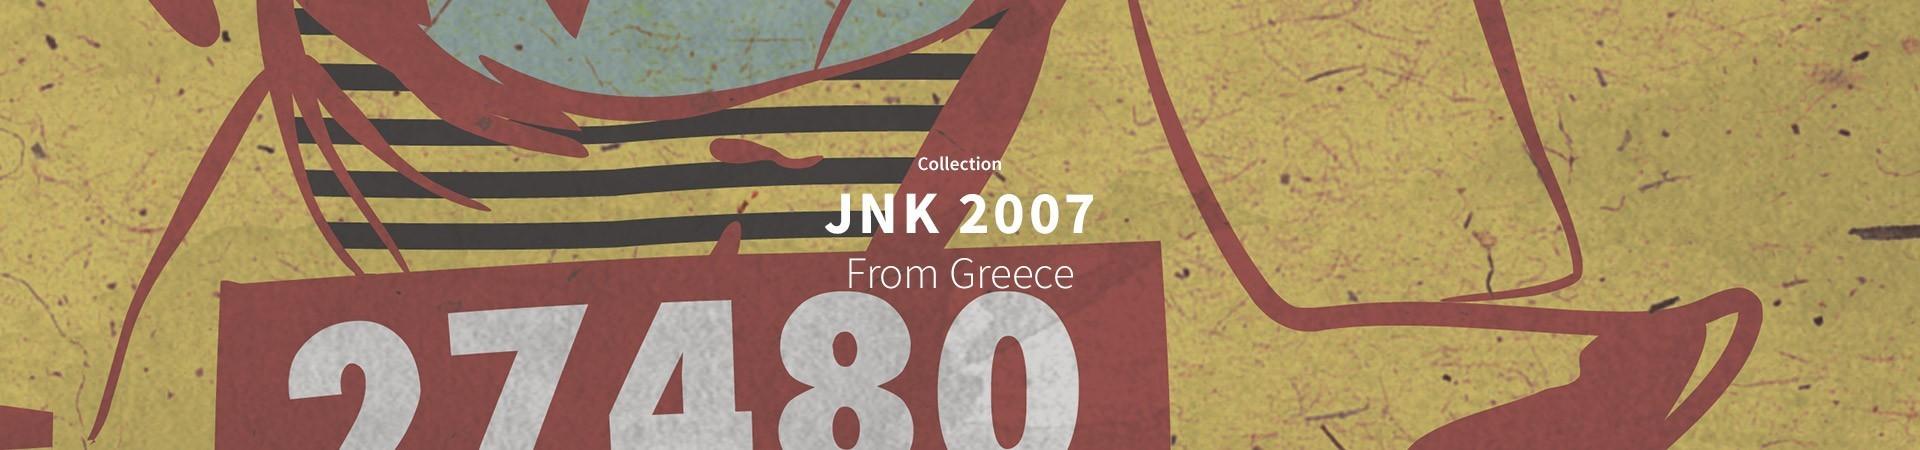 JNK 2007